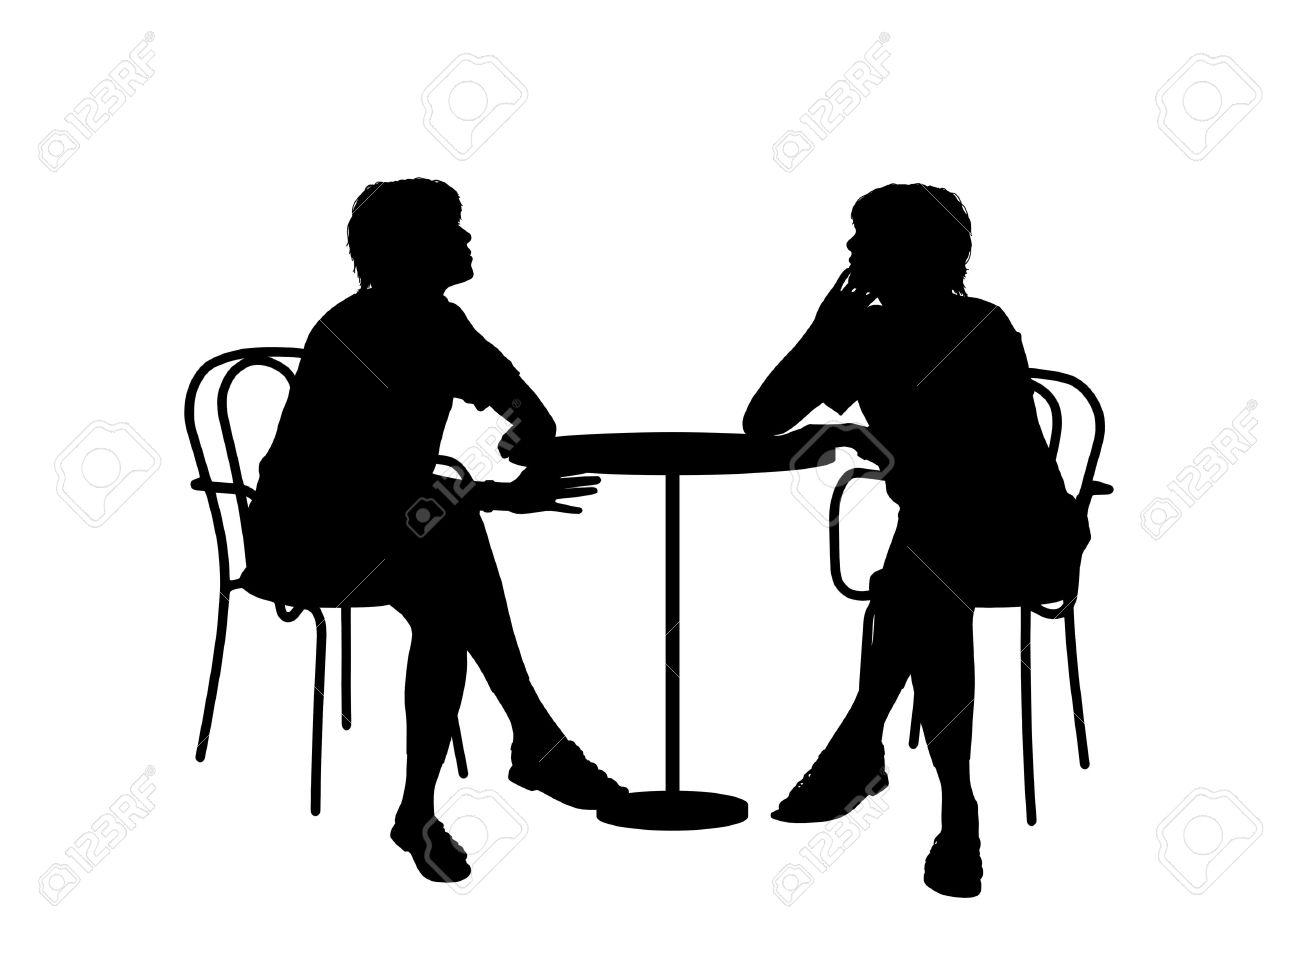 Фотографии сидящих женщин 3 фотография